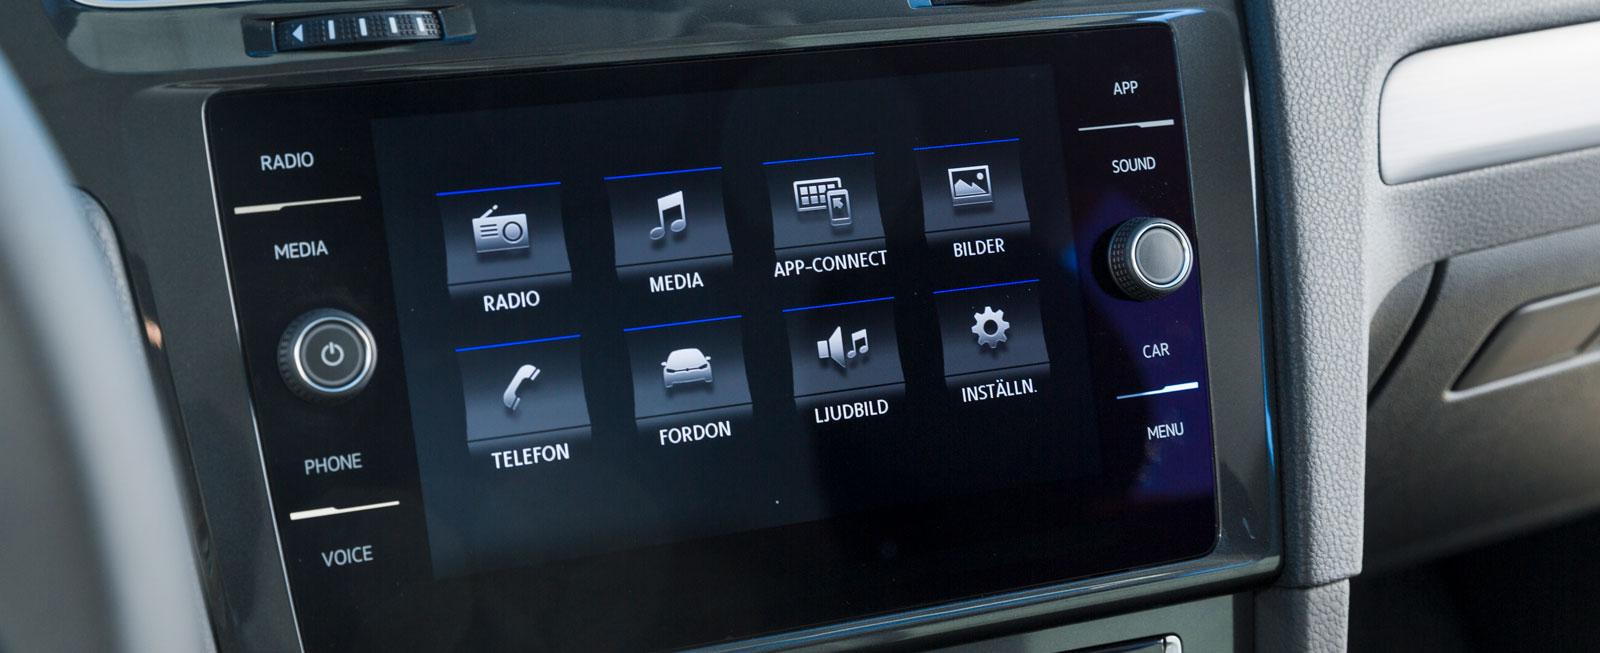 VW:s nya mediesystem gillades skarpt av testlaget. Utformningen är elegant, uppbyggnaden logisk och det går fortfarande att scrolla mellan flera funktioner.